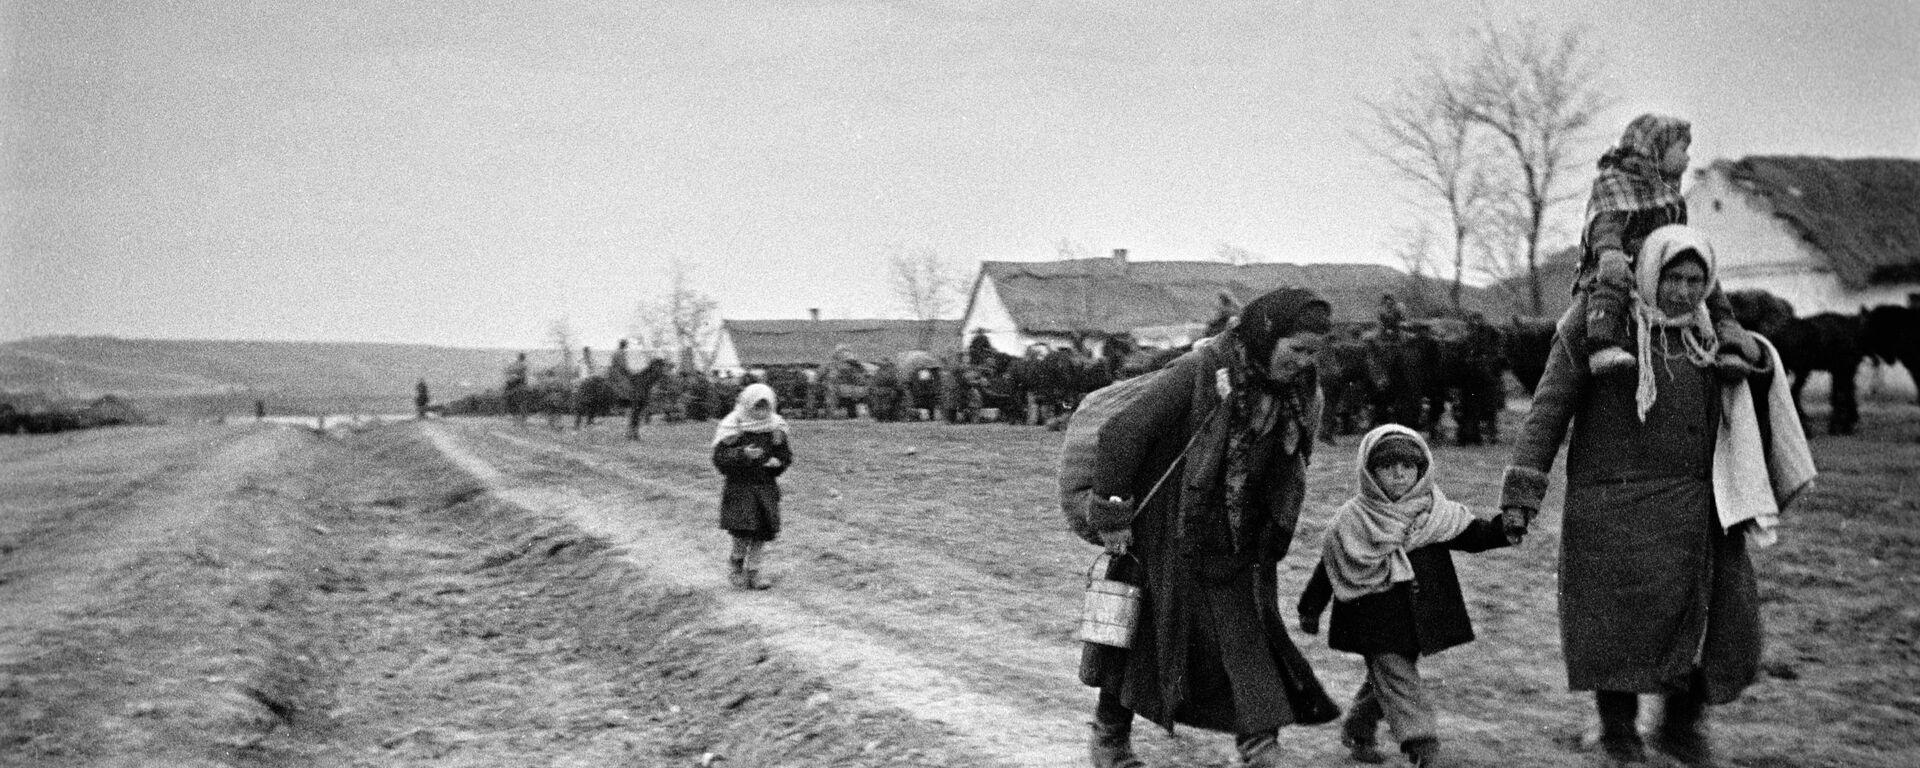 Мирные жители возвращаются в освобожденные деревни. Украина. Одесская область. - Sputnik Latvija, 1920, 07.01.2021